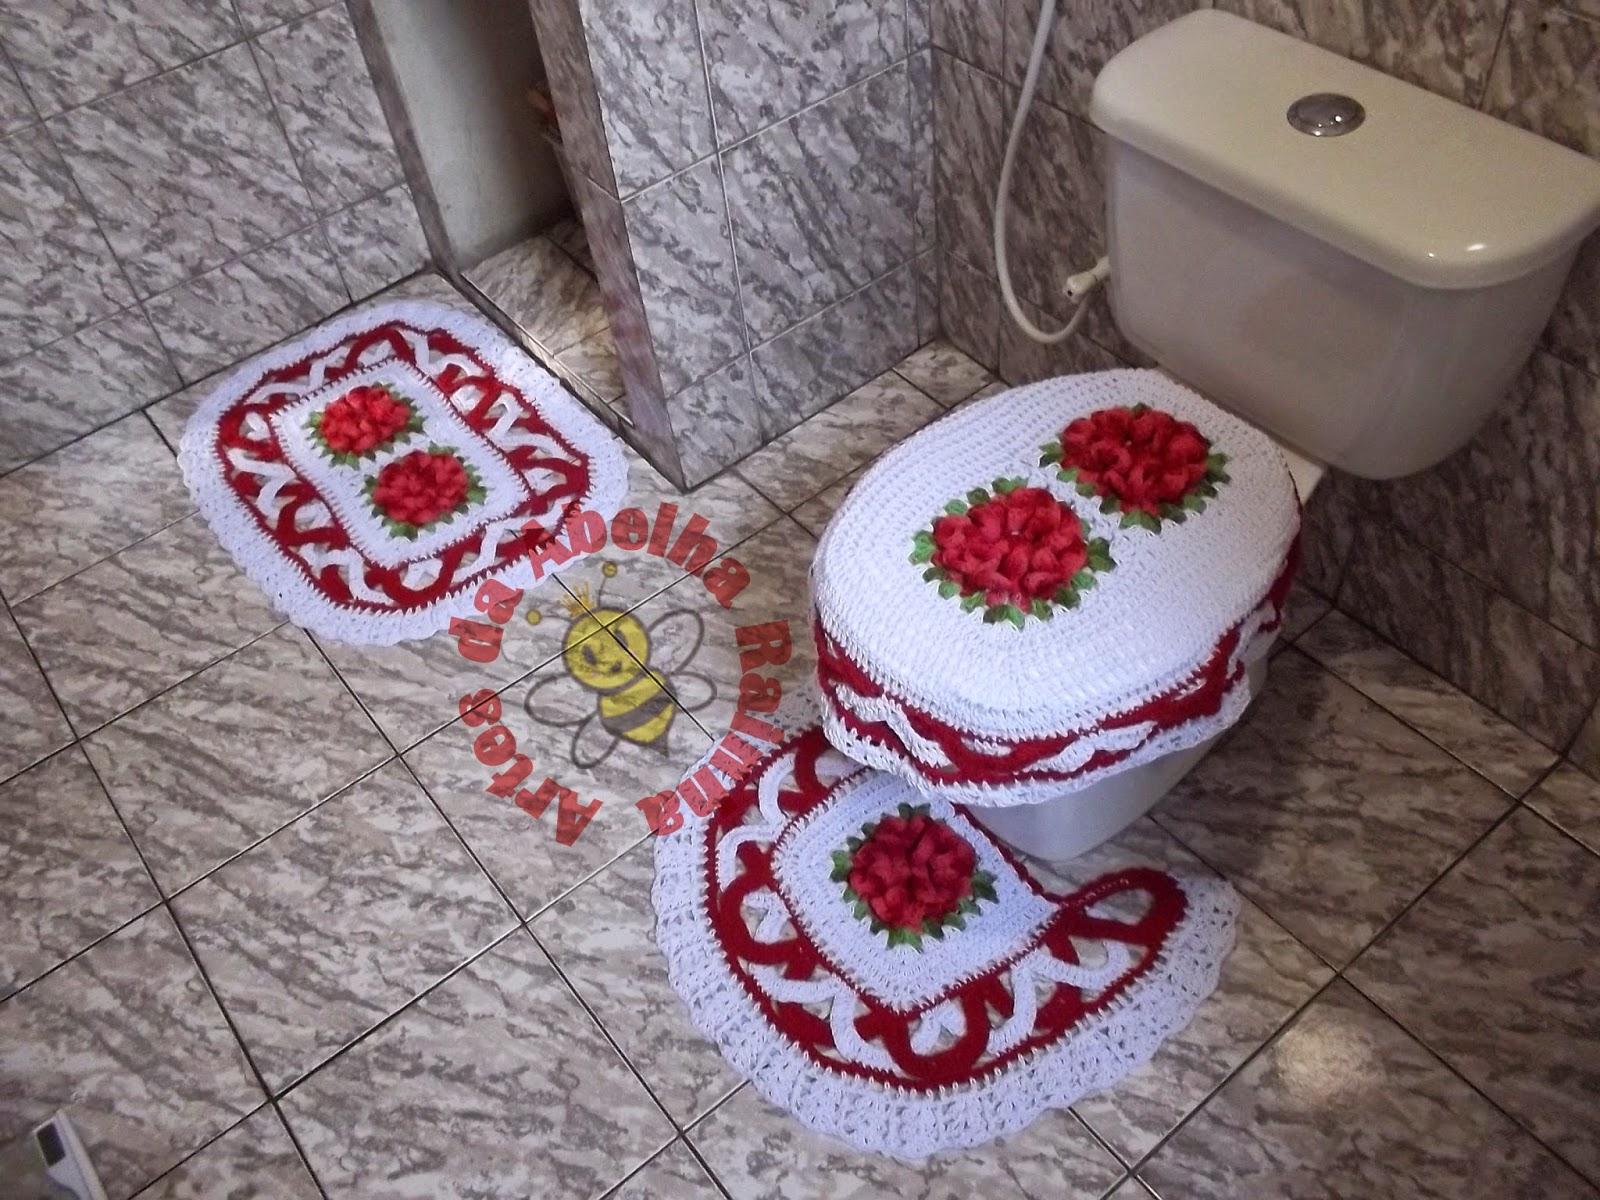 Rainha: Jogo de Banheiro de crochê Vermelho e Branco com Flores #9D2E3C 1600x1200 Banheiro Branco Vermelho